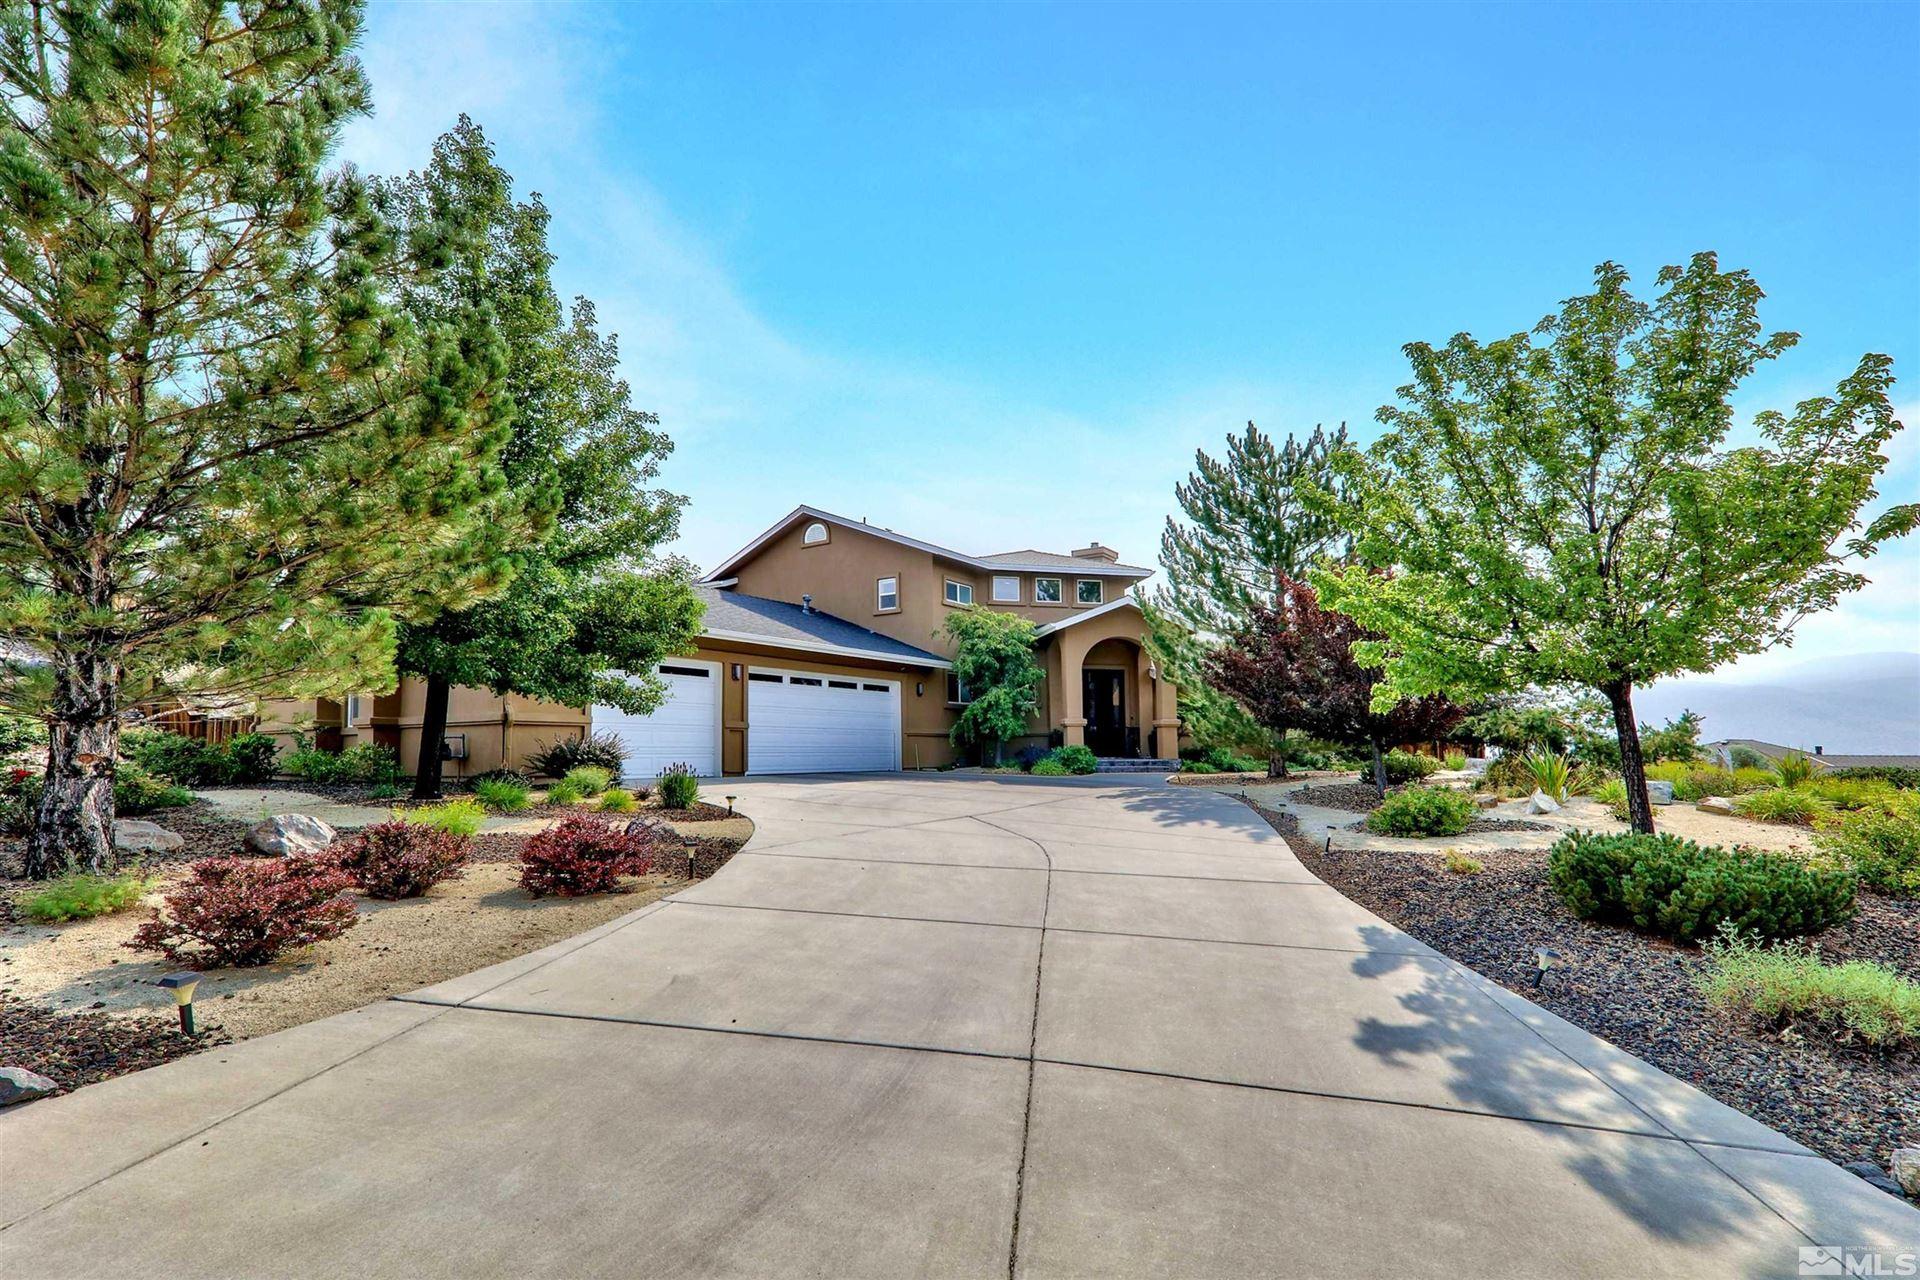 1307 Camballeria Drive                                                                               Carson City                                                                      , NV - $978,000